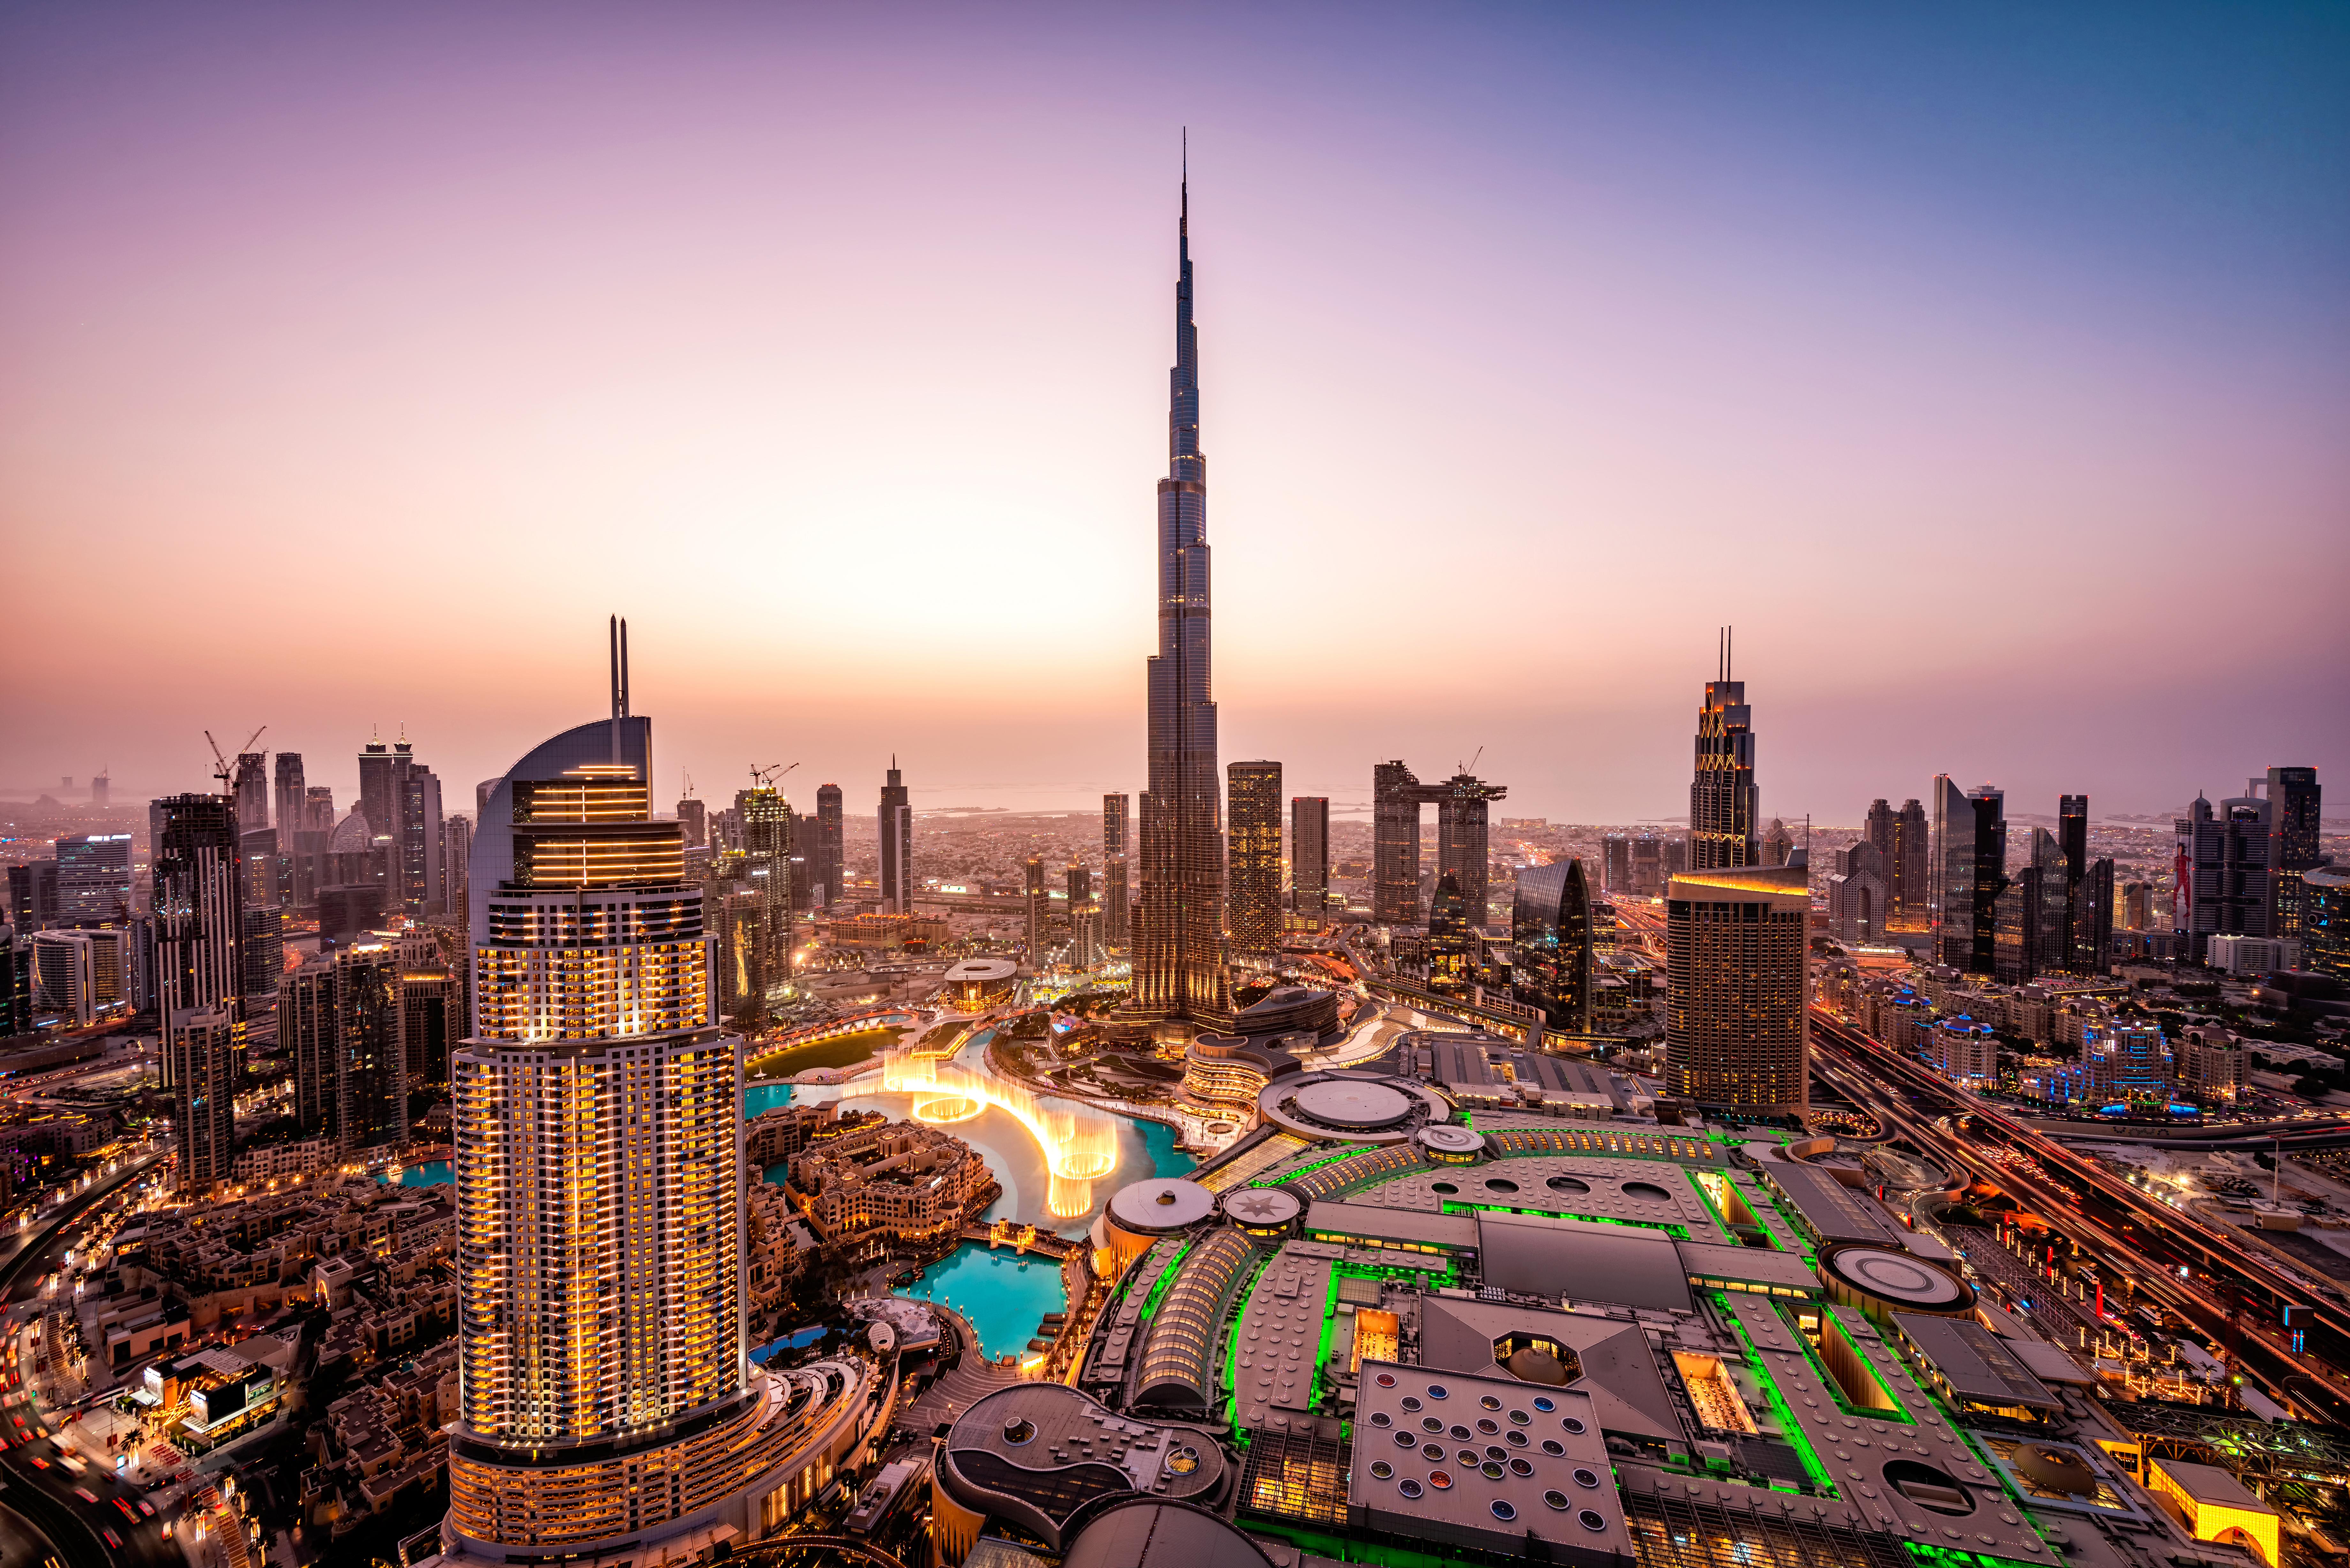 Dubai skyline at sunset with Burj Khalifa